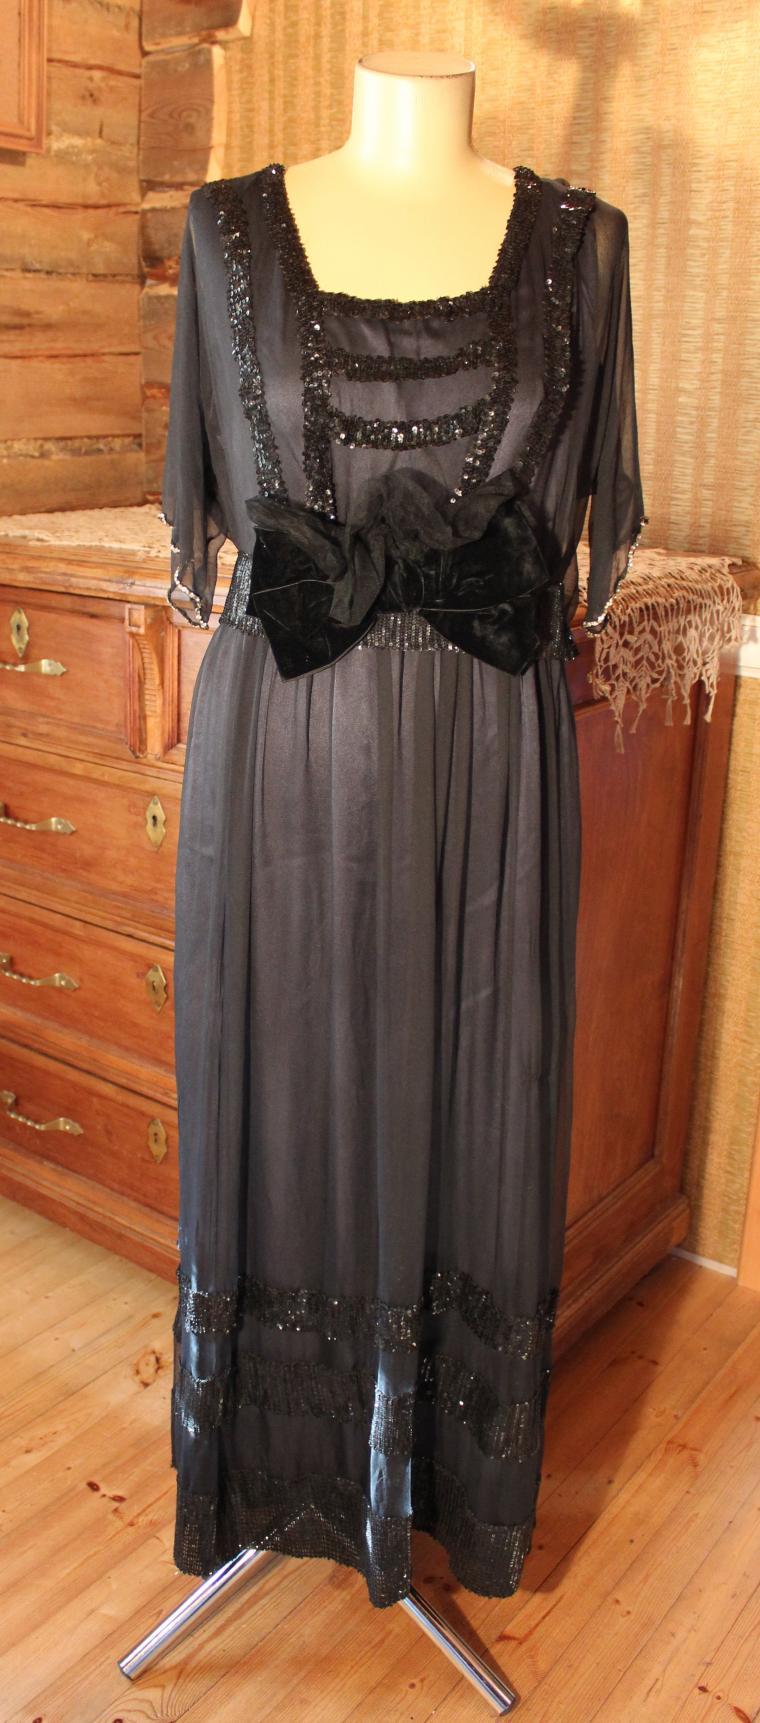 антикварное платье, старинная мода, мода 10-х годов хх века